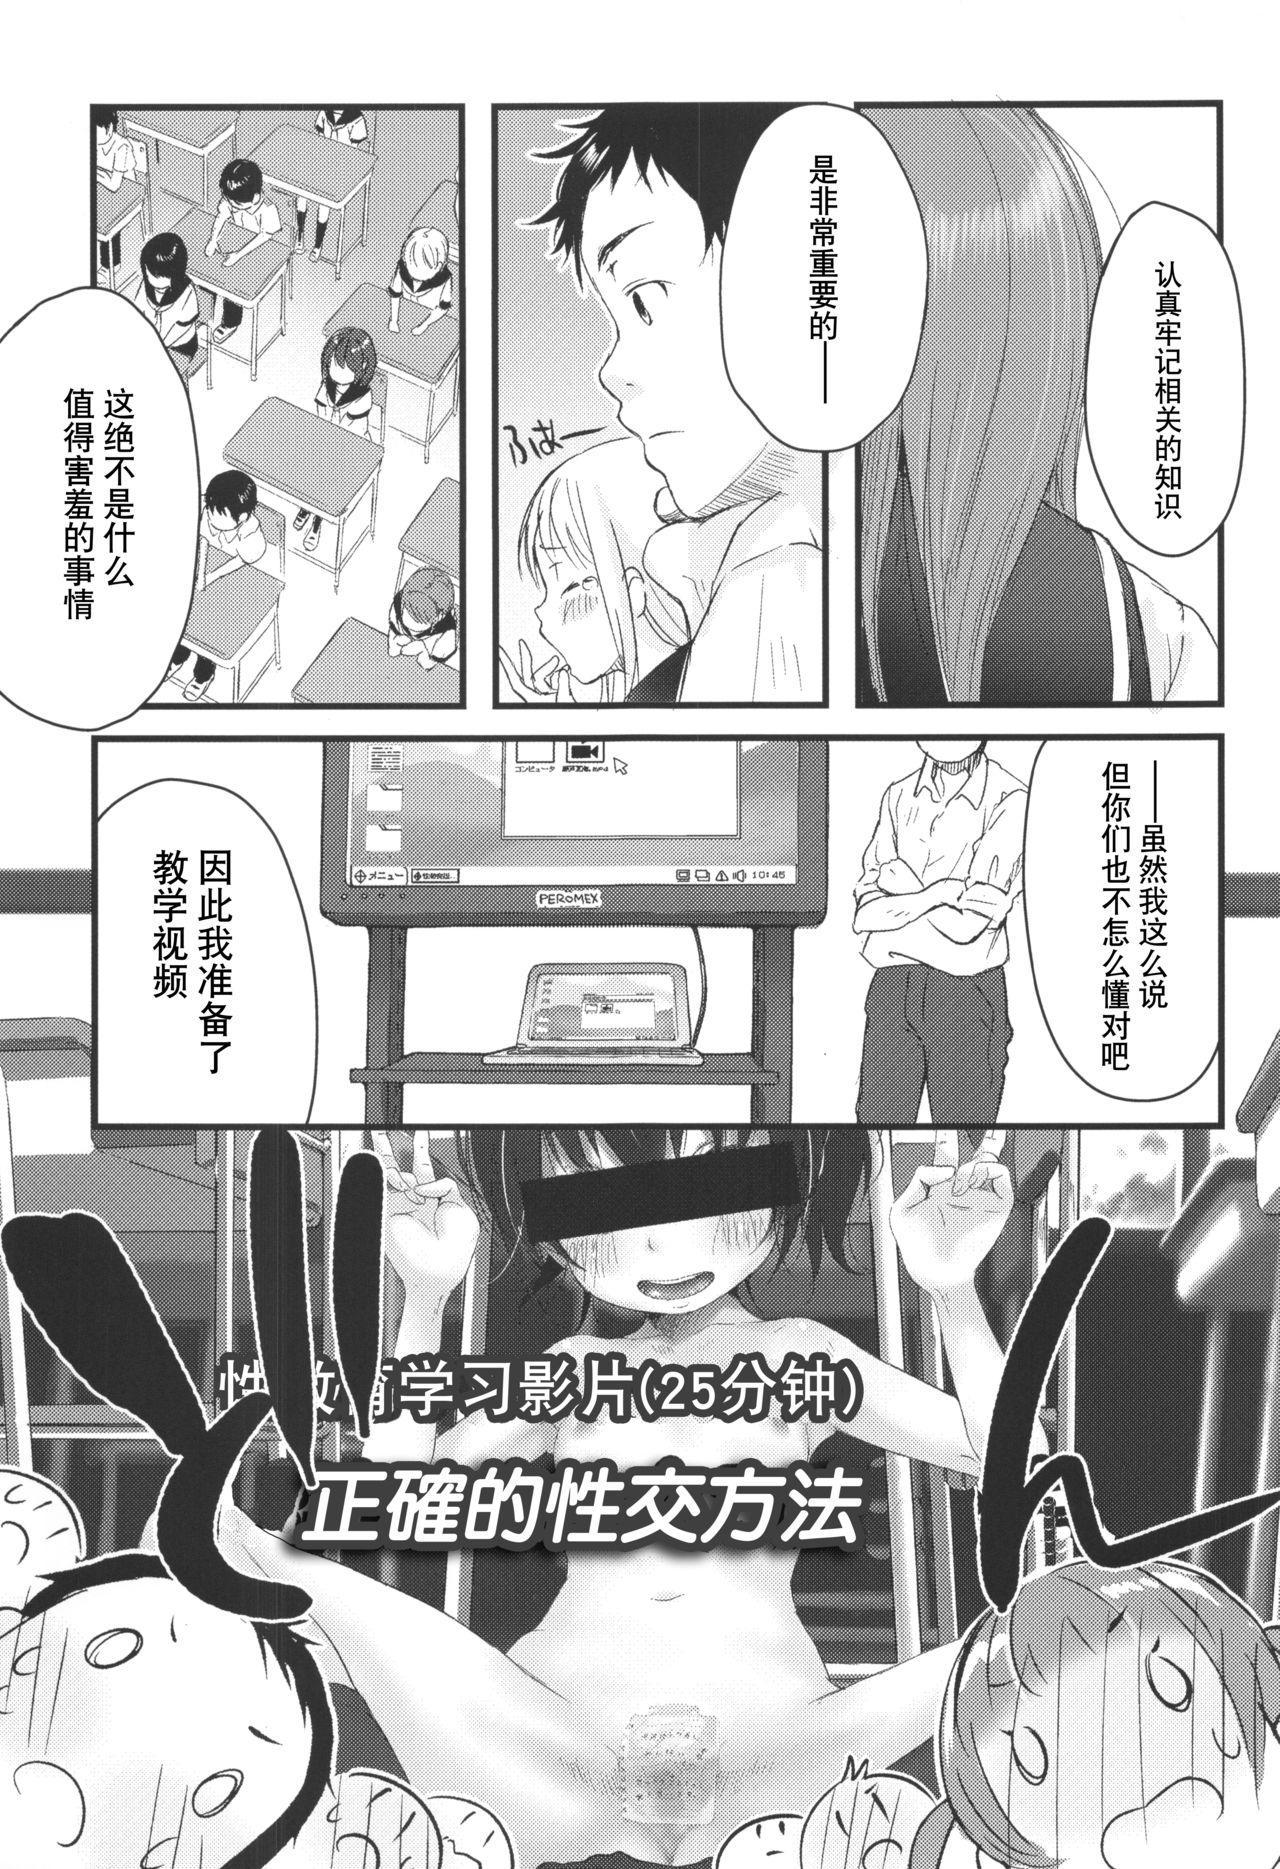 ©-sei de Manabu, Tadashii Sex Kouza 8